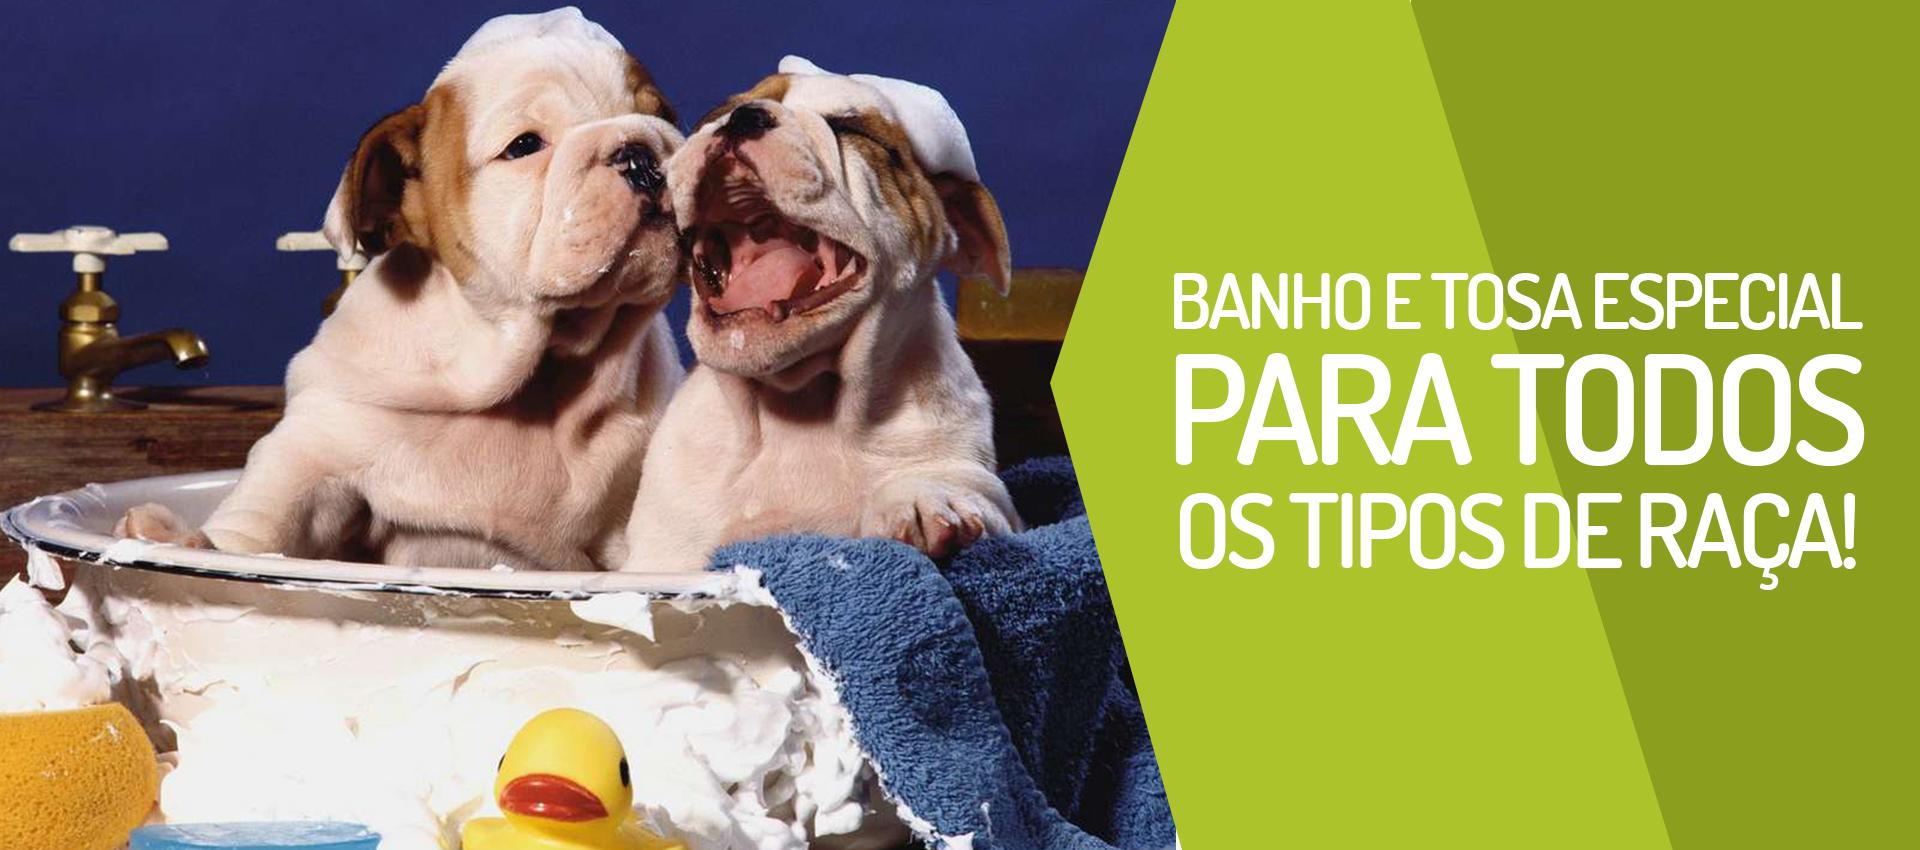 Banho & Tosa especial para todos os tipos de raças